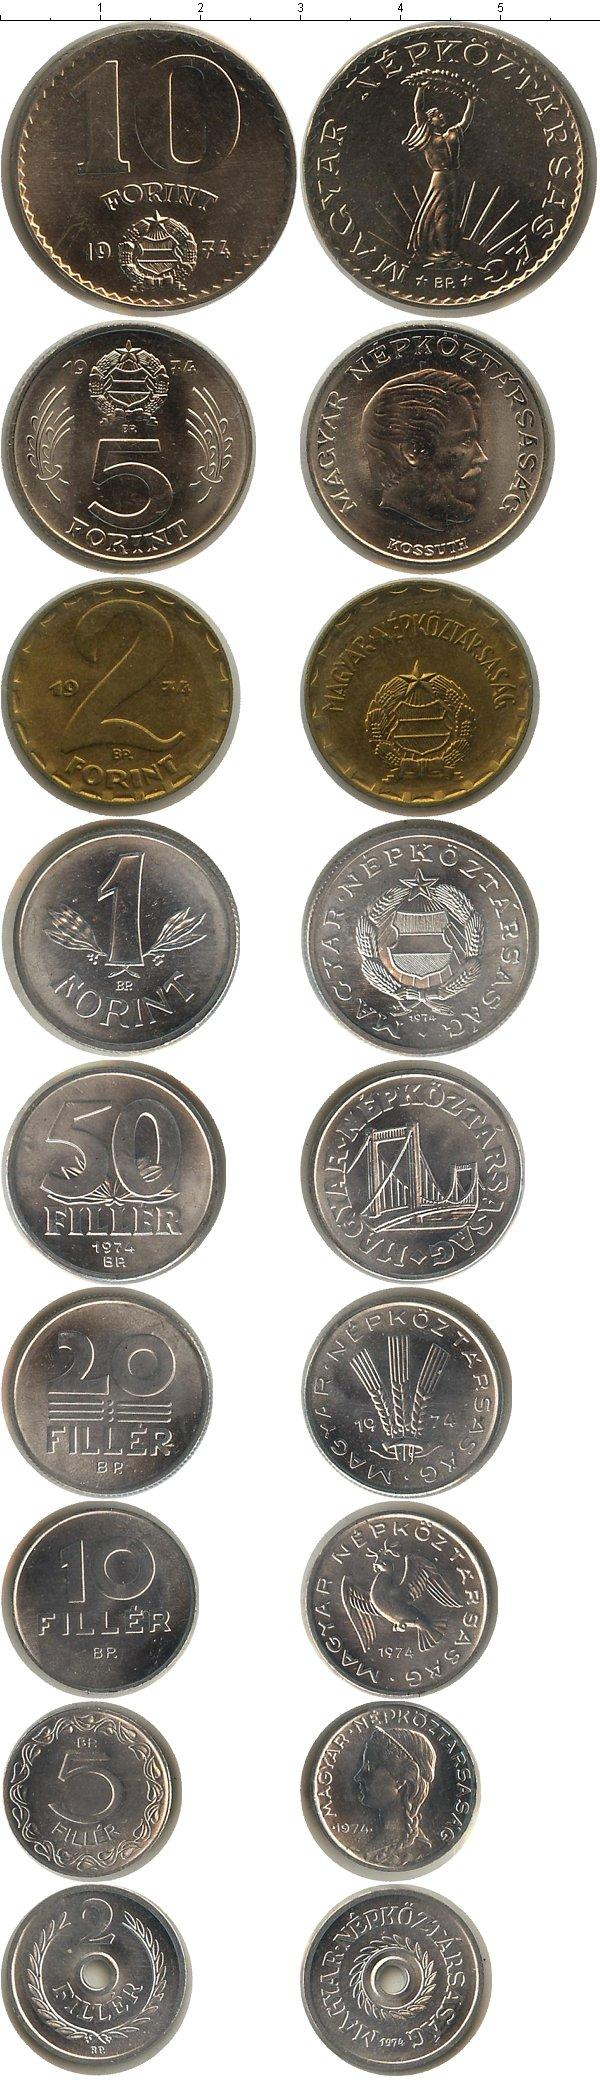 Каталог монет - Венгрия Венгрия 1971-1975